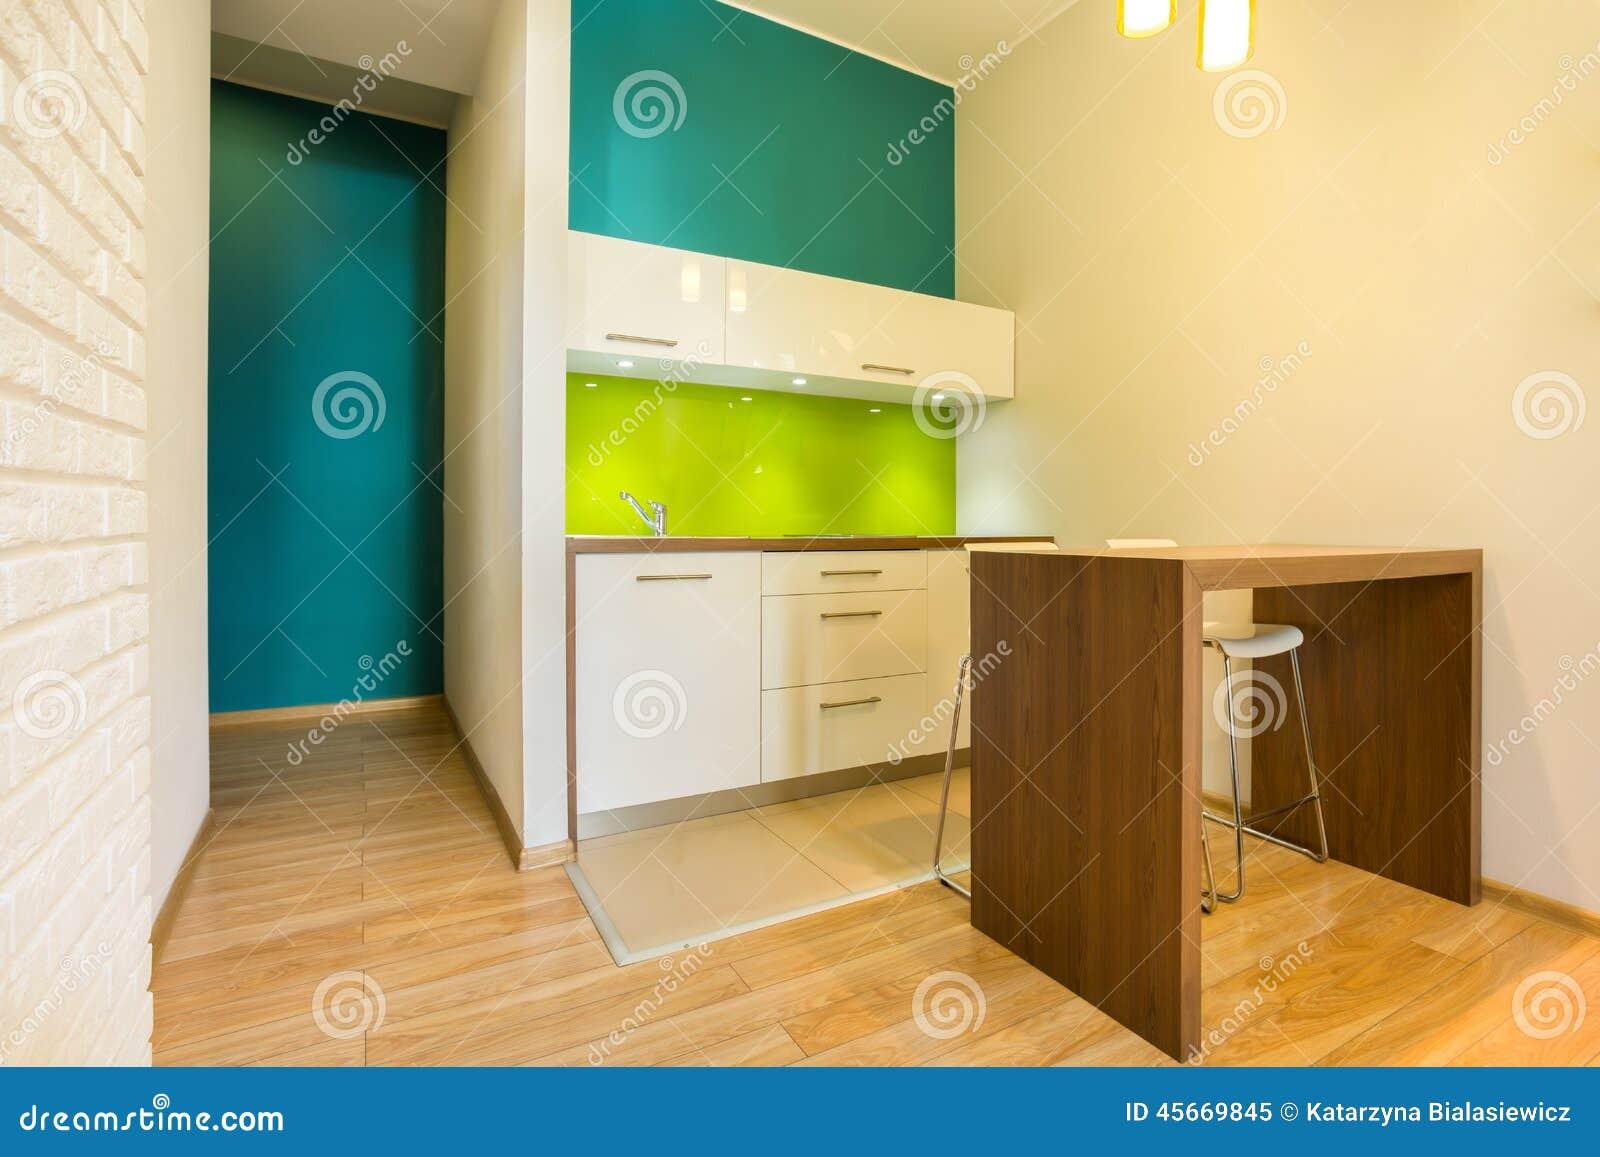 Litet Kök I Ny Lägenhet Arkivfoto - Bild: 45669845